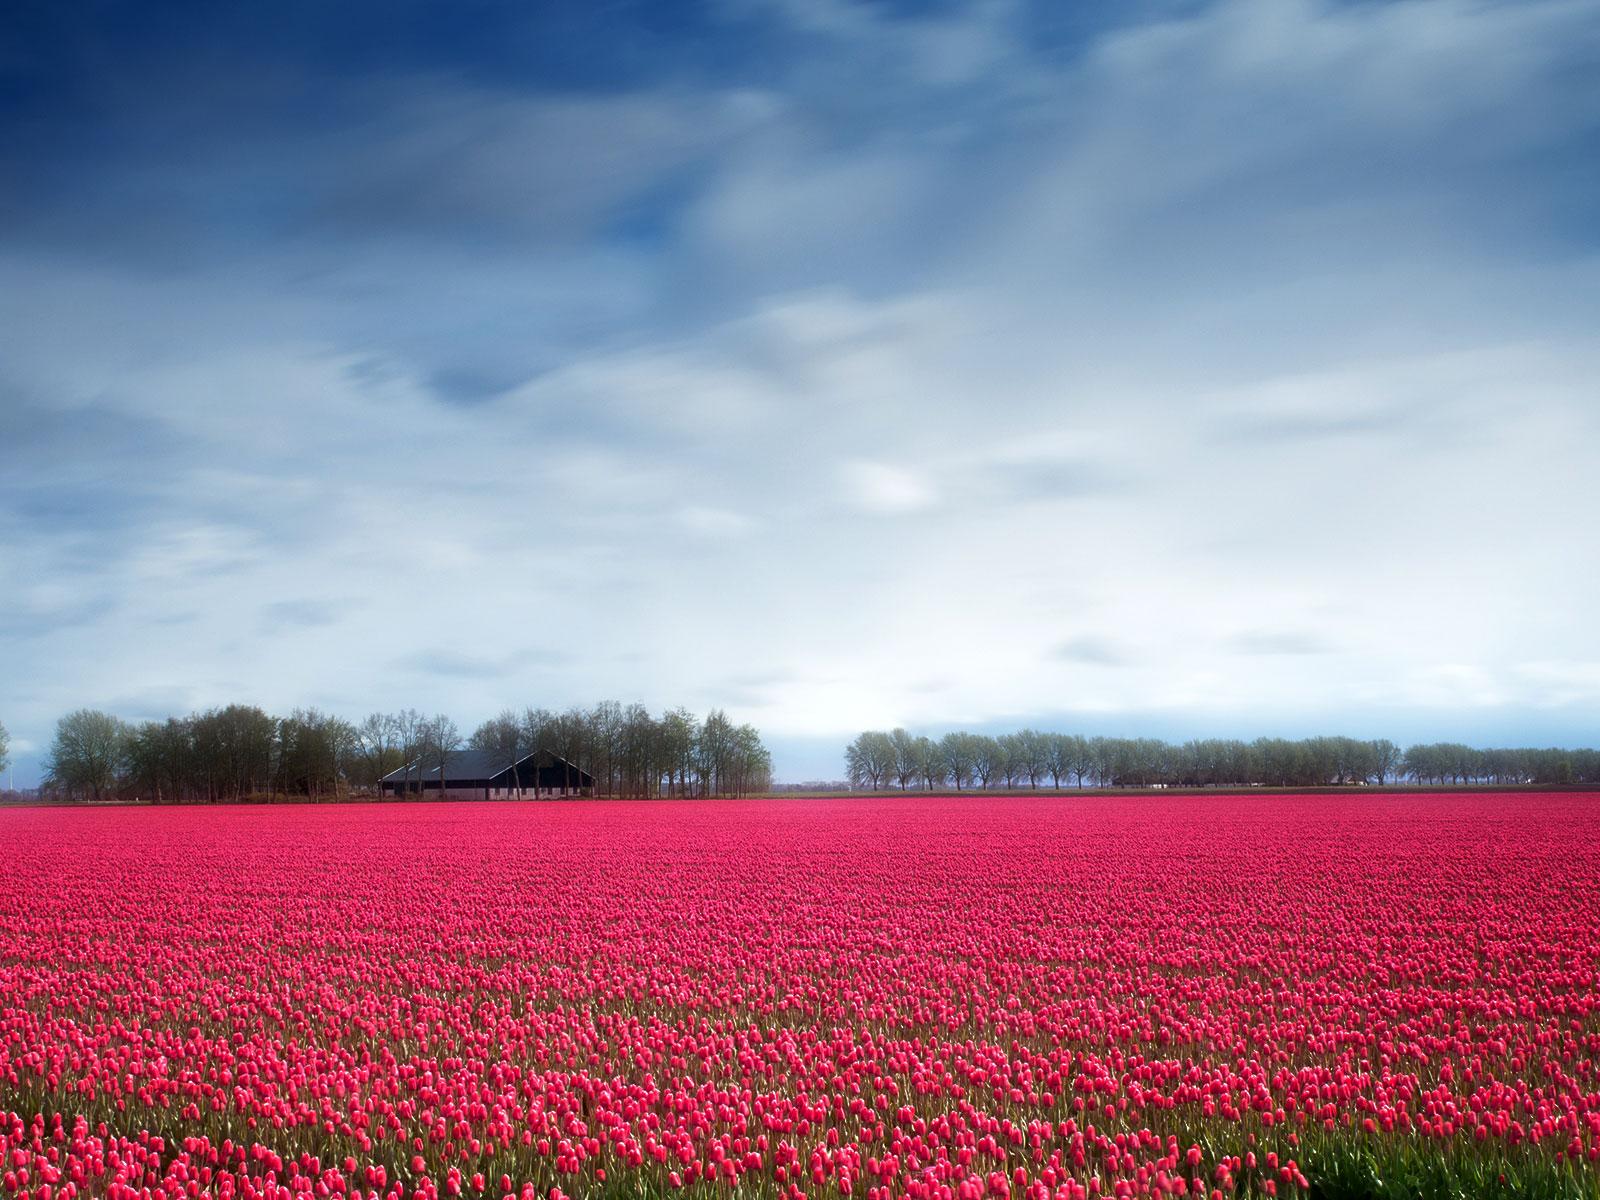 Tulips field in Lelystad, Netherlands